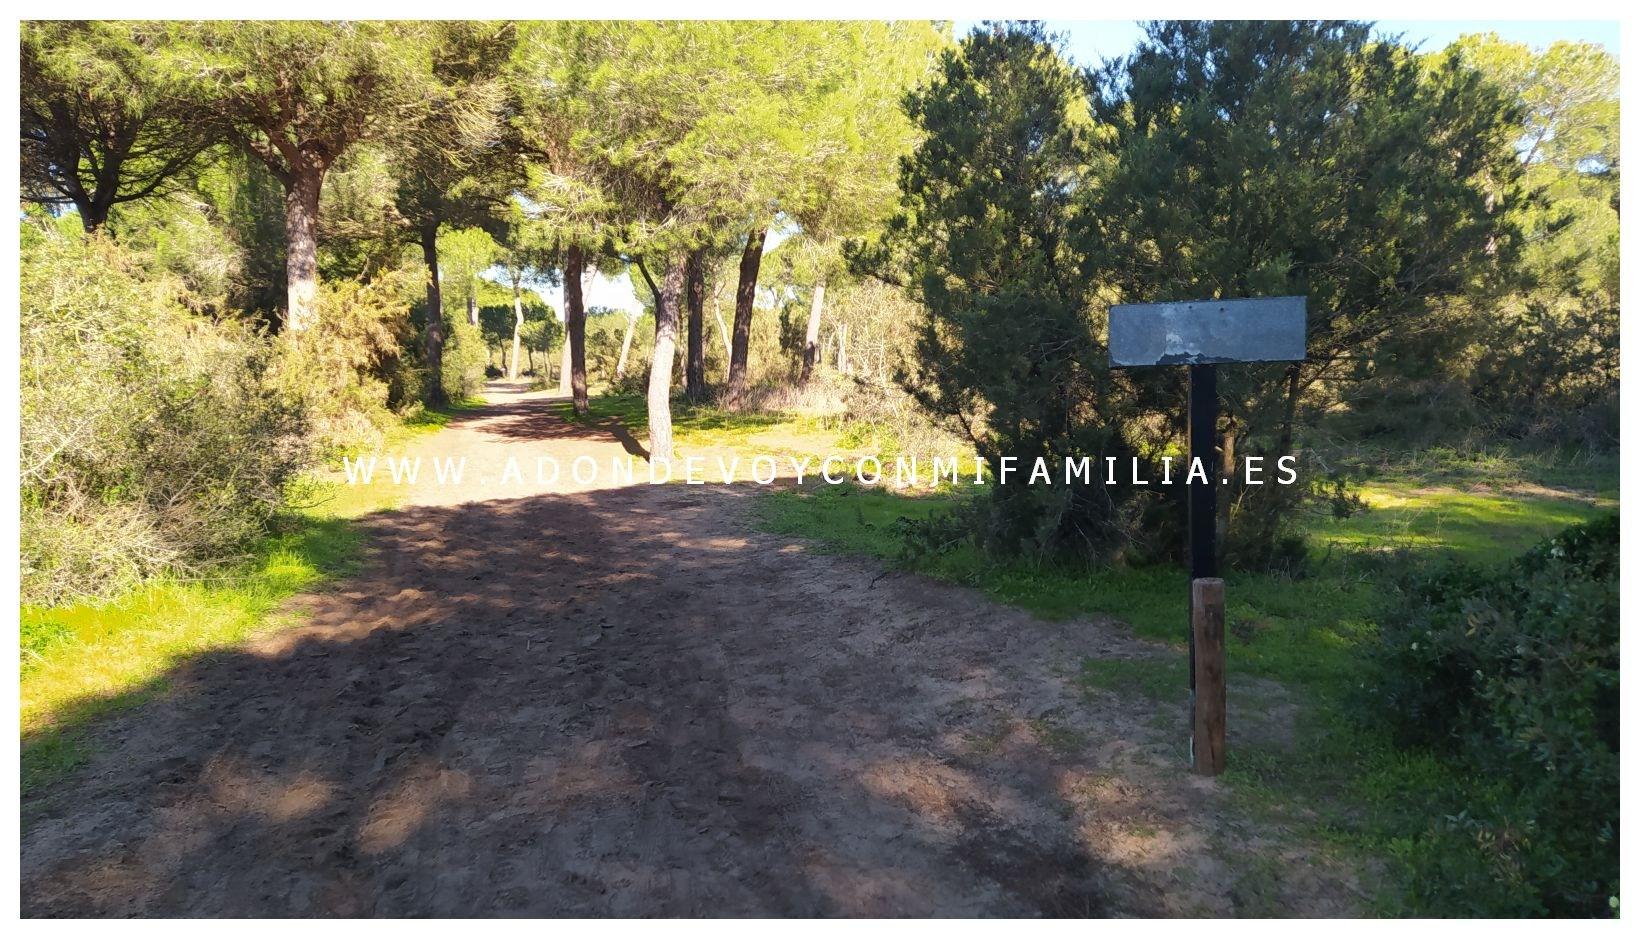 sendero-cerro-del-aguila-pinar-de-la-algaida-sanlucar-adondevoyconmifamilia-66